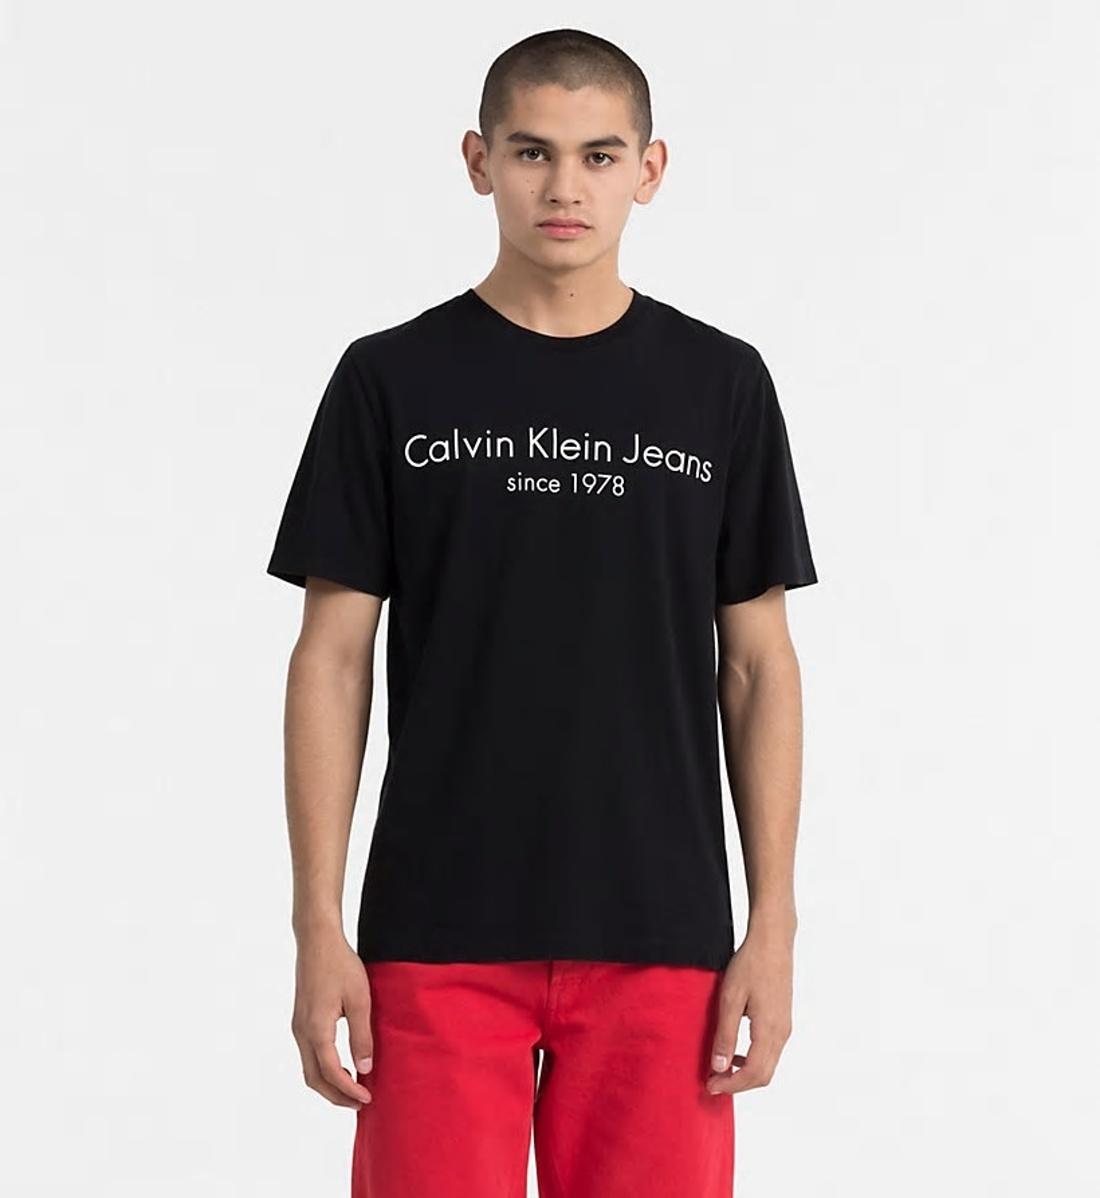 e67e558151b Calvin Klein pánské černé tričko - Mode.cz